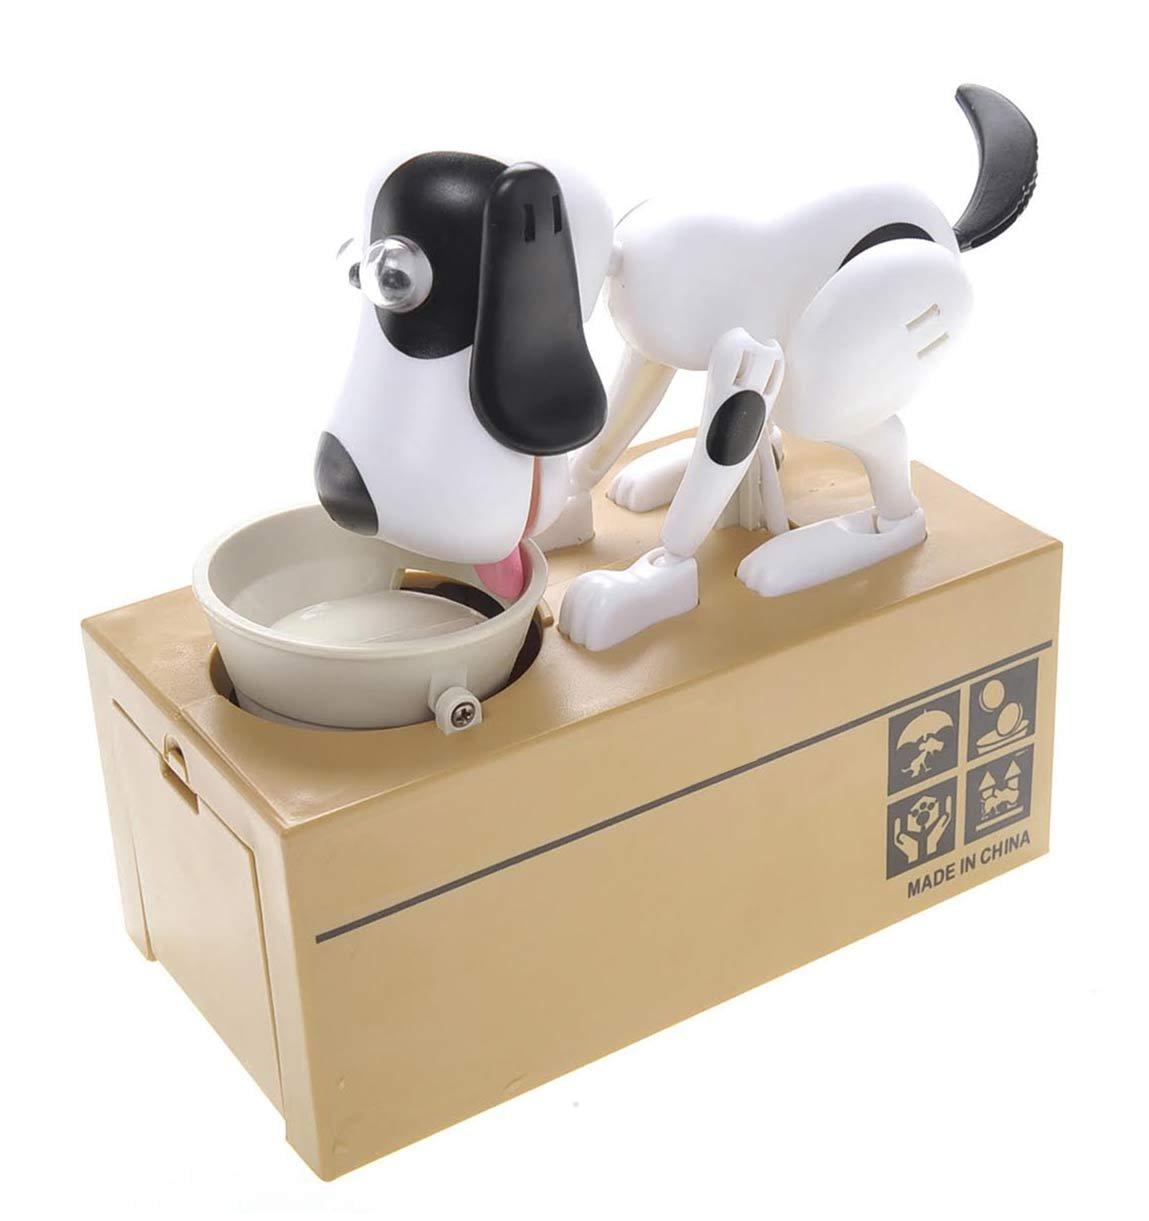 Powertrc Spielzeug Figur Hund Piggy Bank (weiß schwarz)